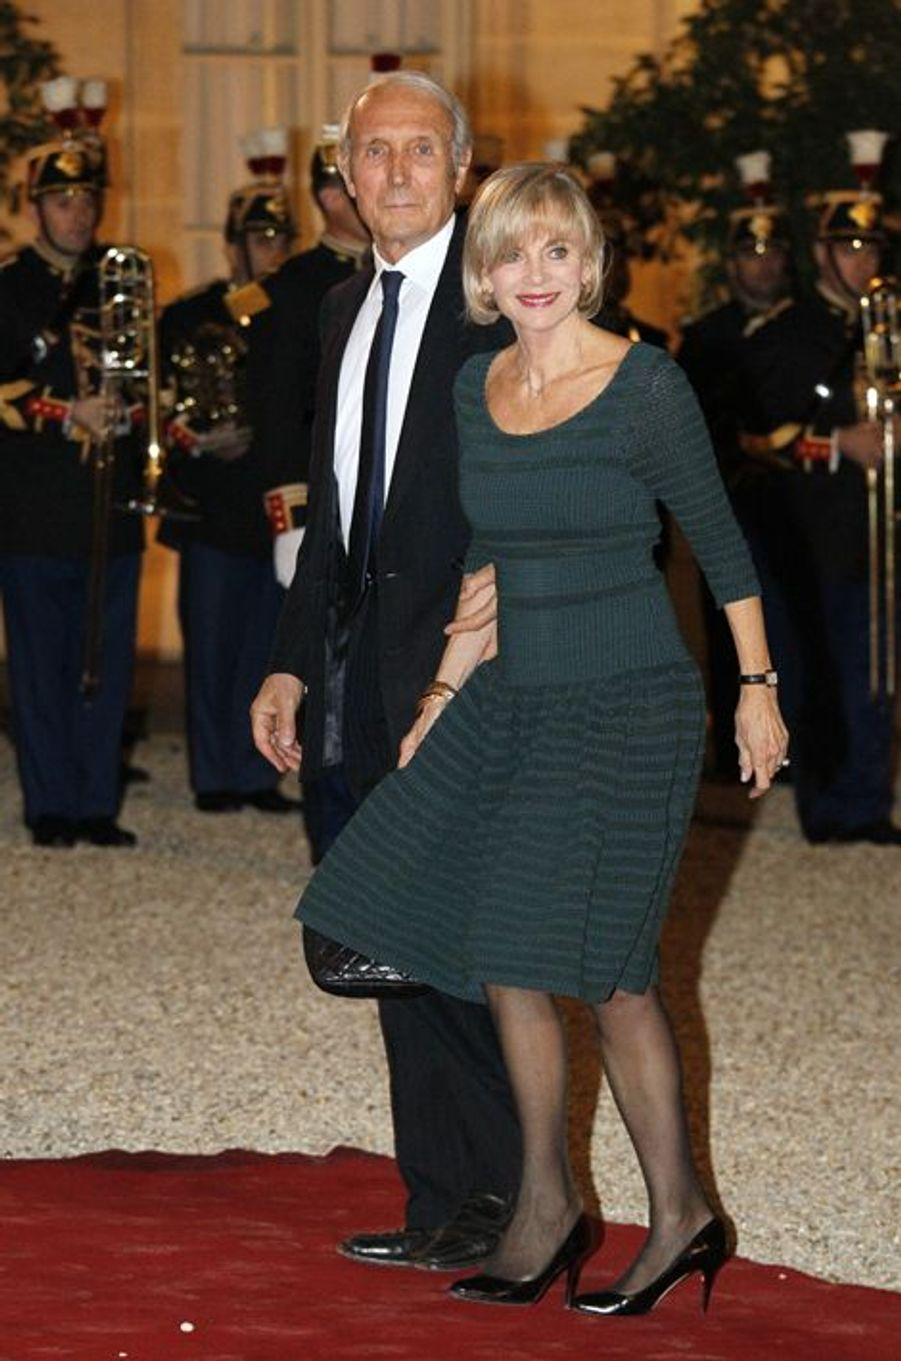 Elisabeth Guigou et son mari au dîner d'Etat donné en l'honneur du président malien à l'Elysée